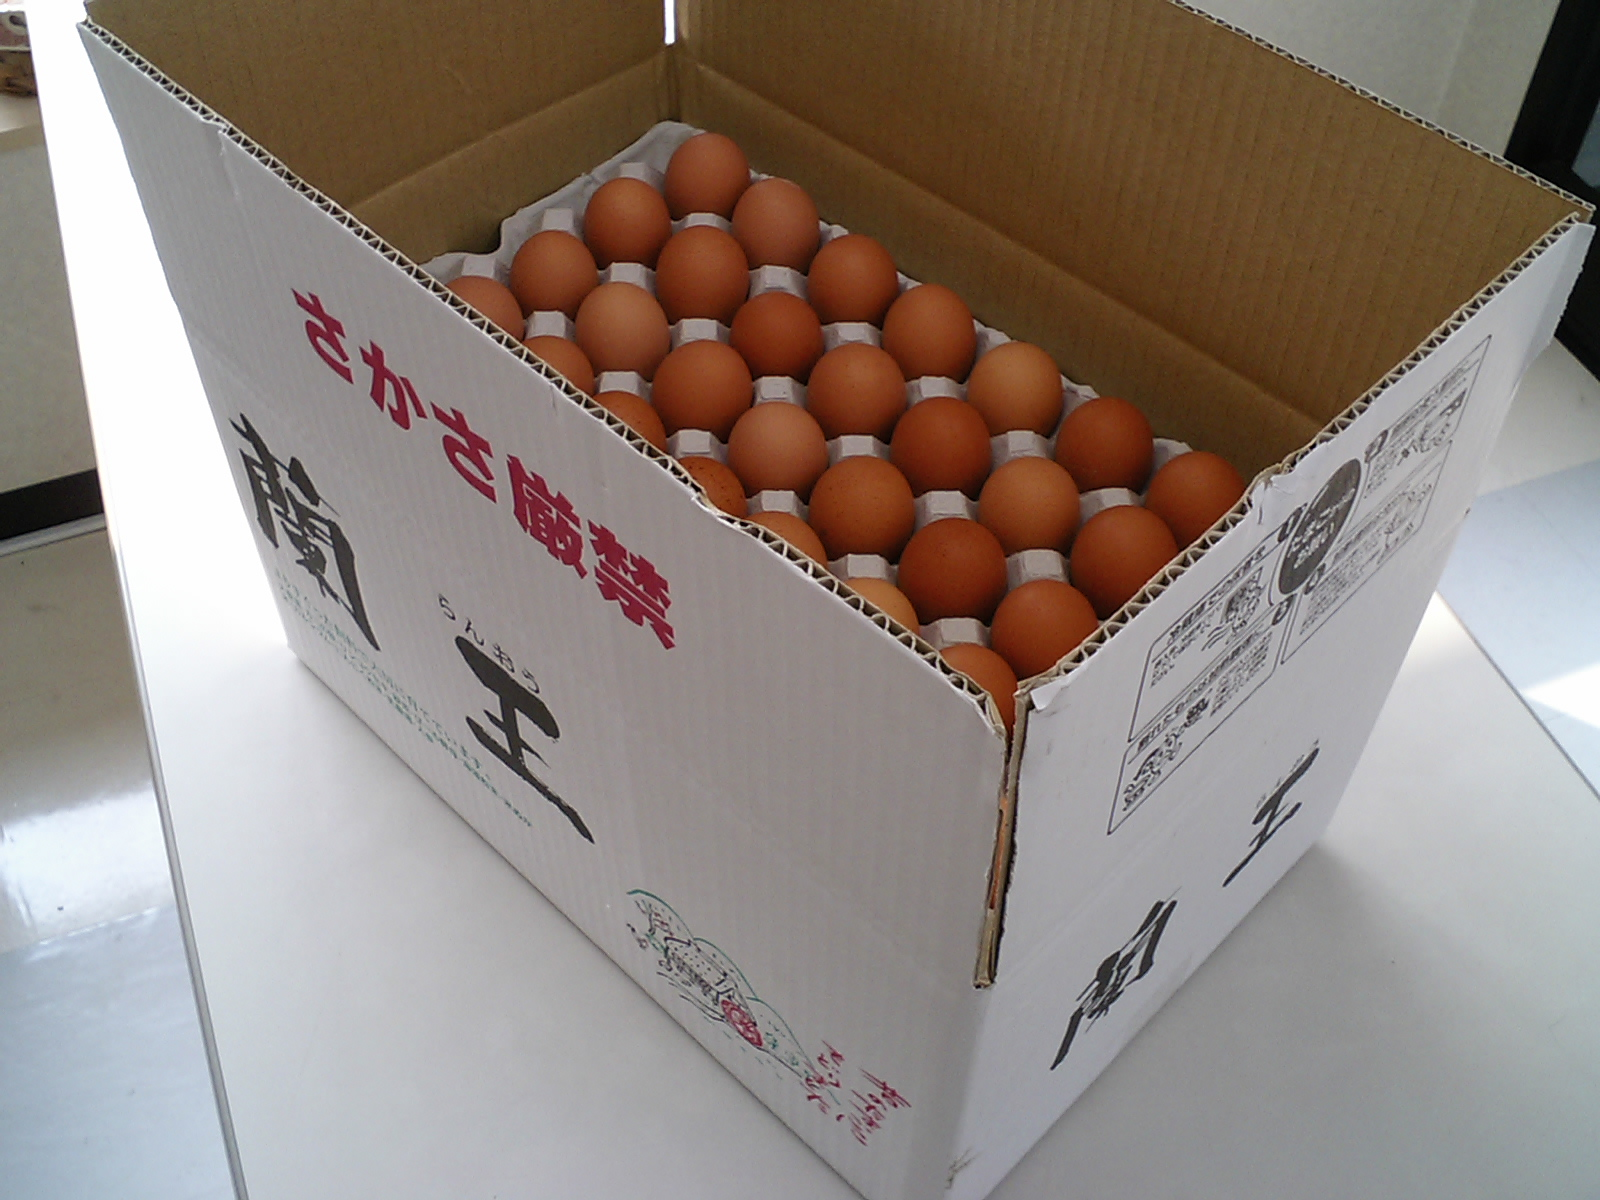 こだわりたまご蘭王 Mサイズ 10kg 117個~132個 破損保障40個 鮮やかな濃いオレンジ色の卵黄色 送料無料新品 新鮮 海外輸入 たまご 卵